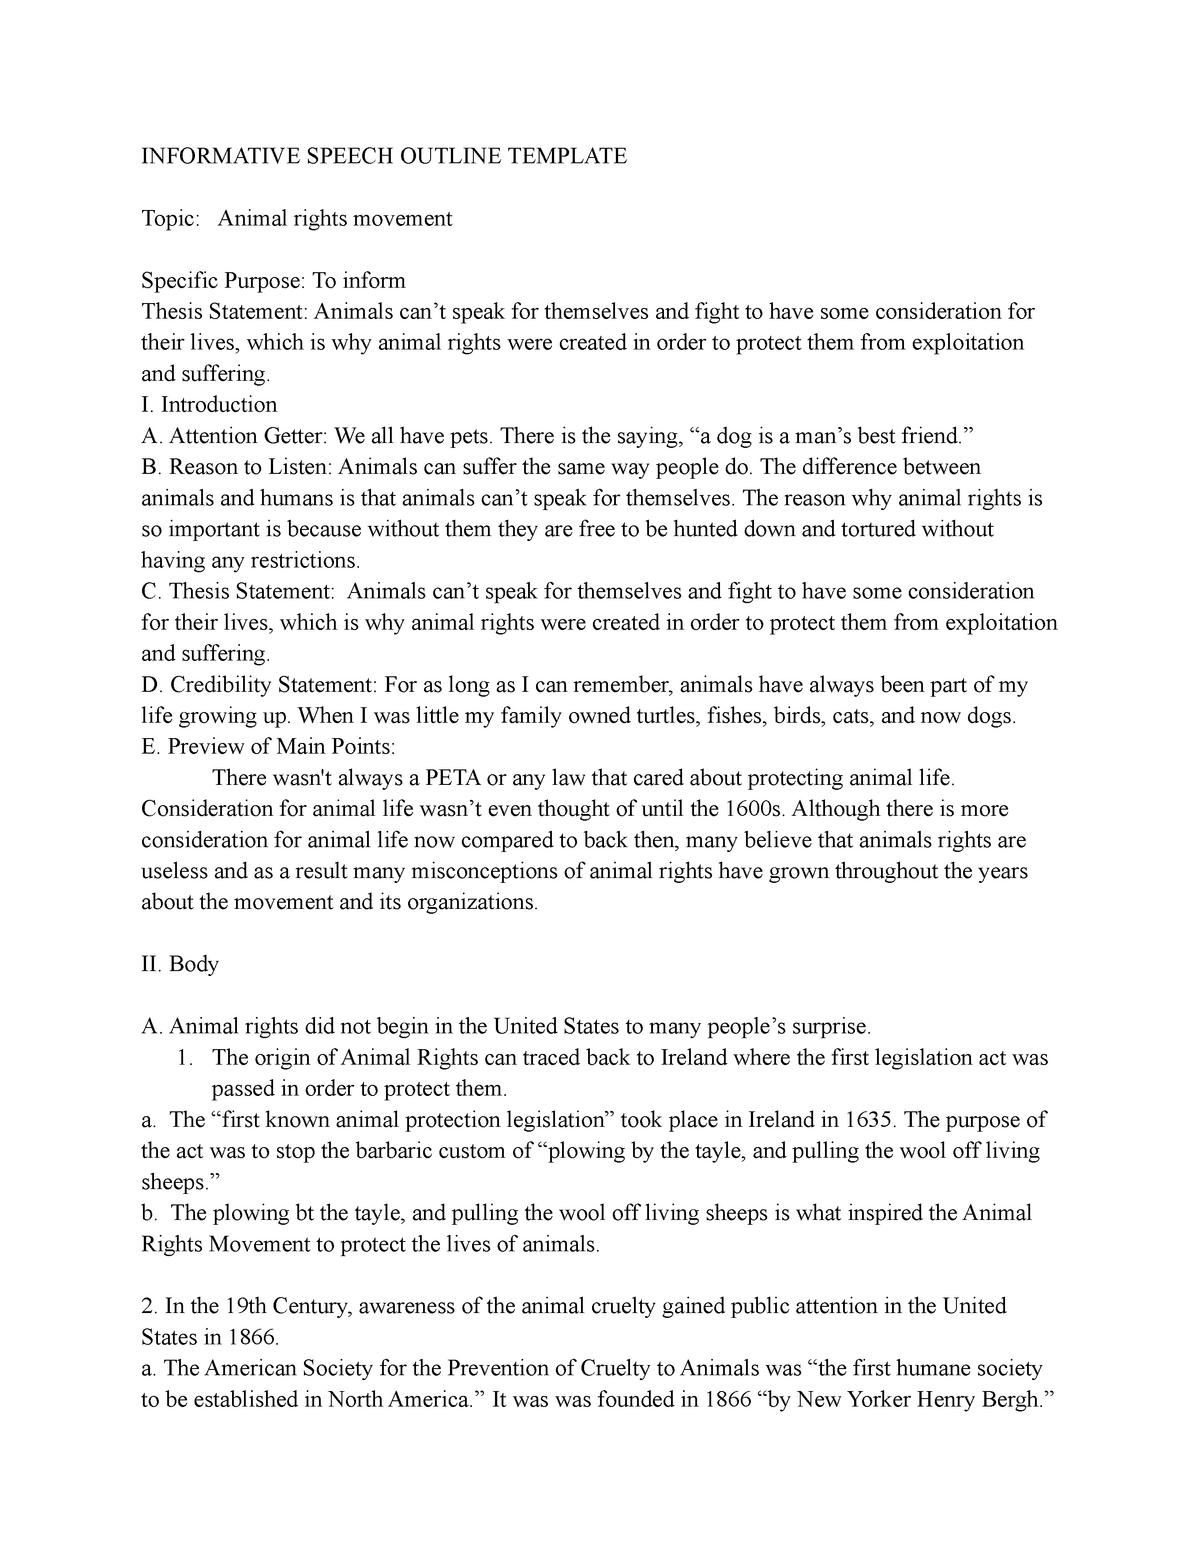 Informative Speech Outline Example - EN 208: Women In Literature